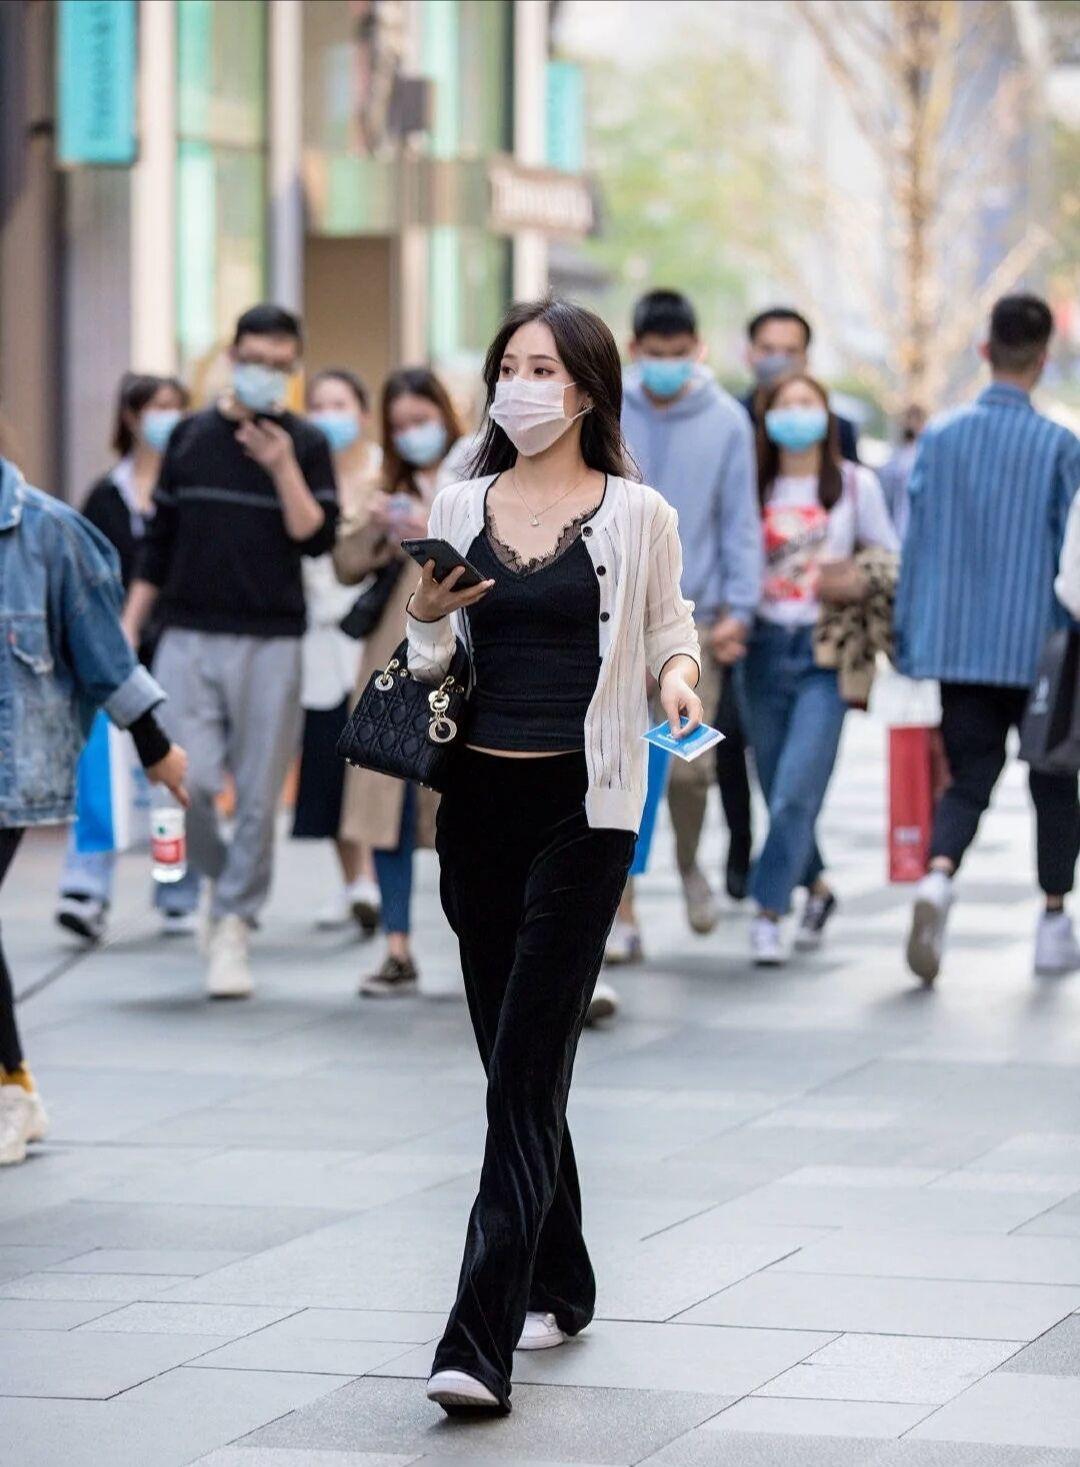 素人街拍:口罩遮挡了路人的颜值,却不能埋没她们的时尚衣品